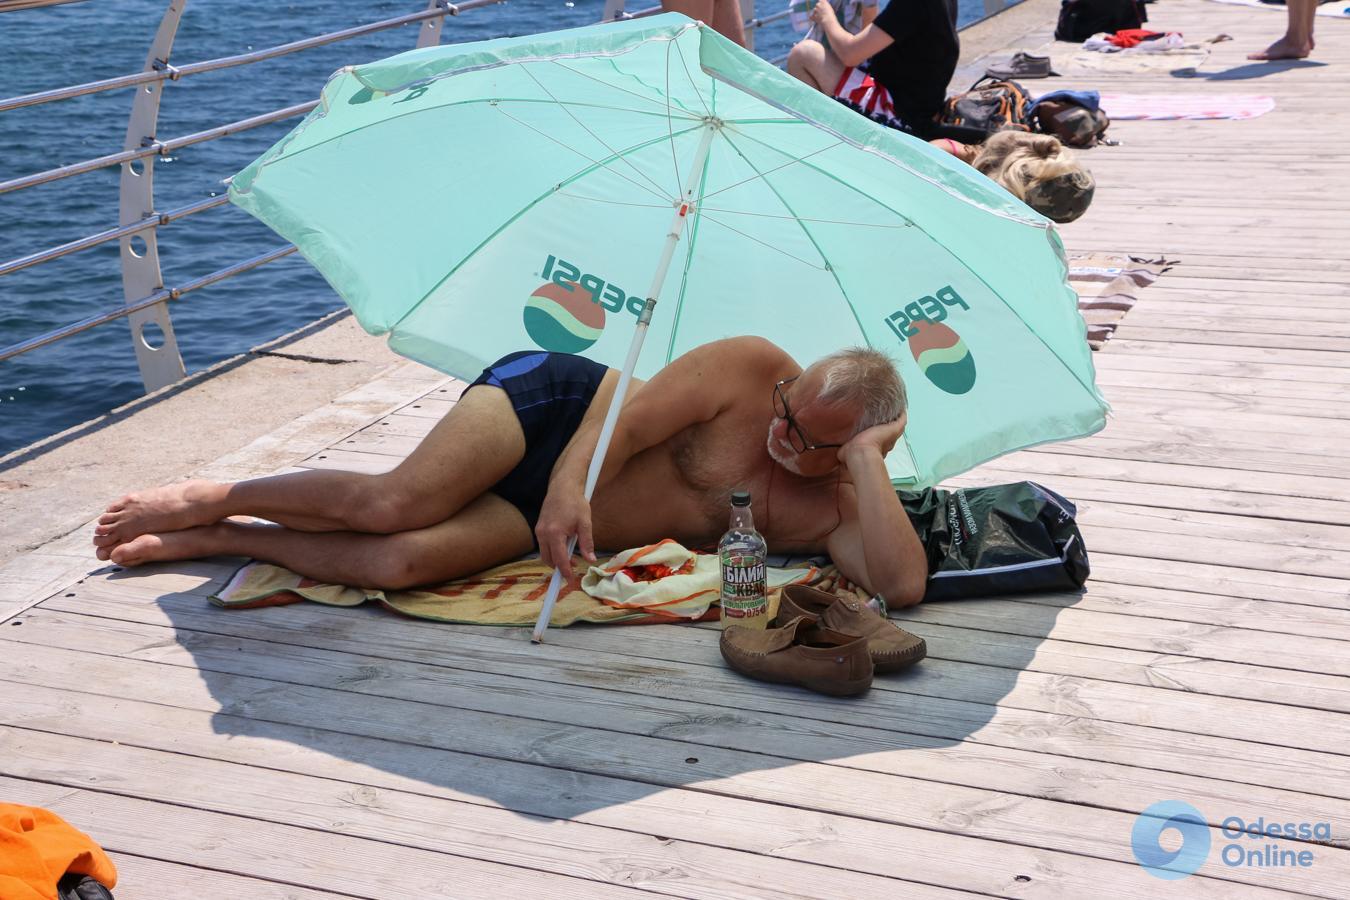 Все у моря, все в купальниках: утро понедельника на набережной Ланжерона (фоторепортаж)